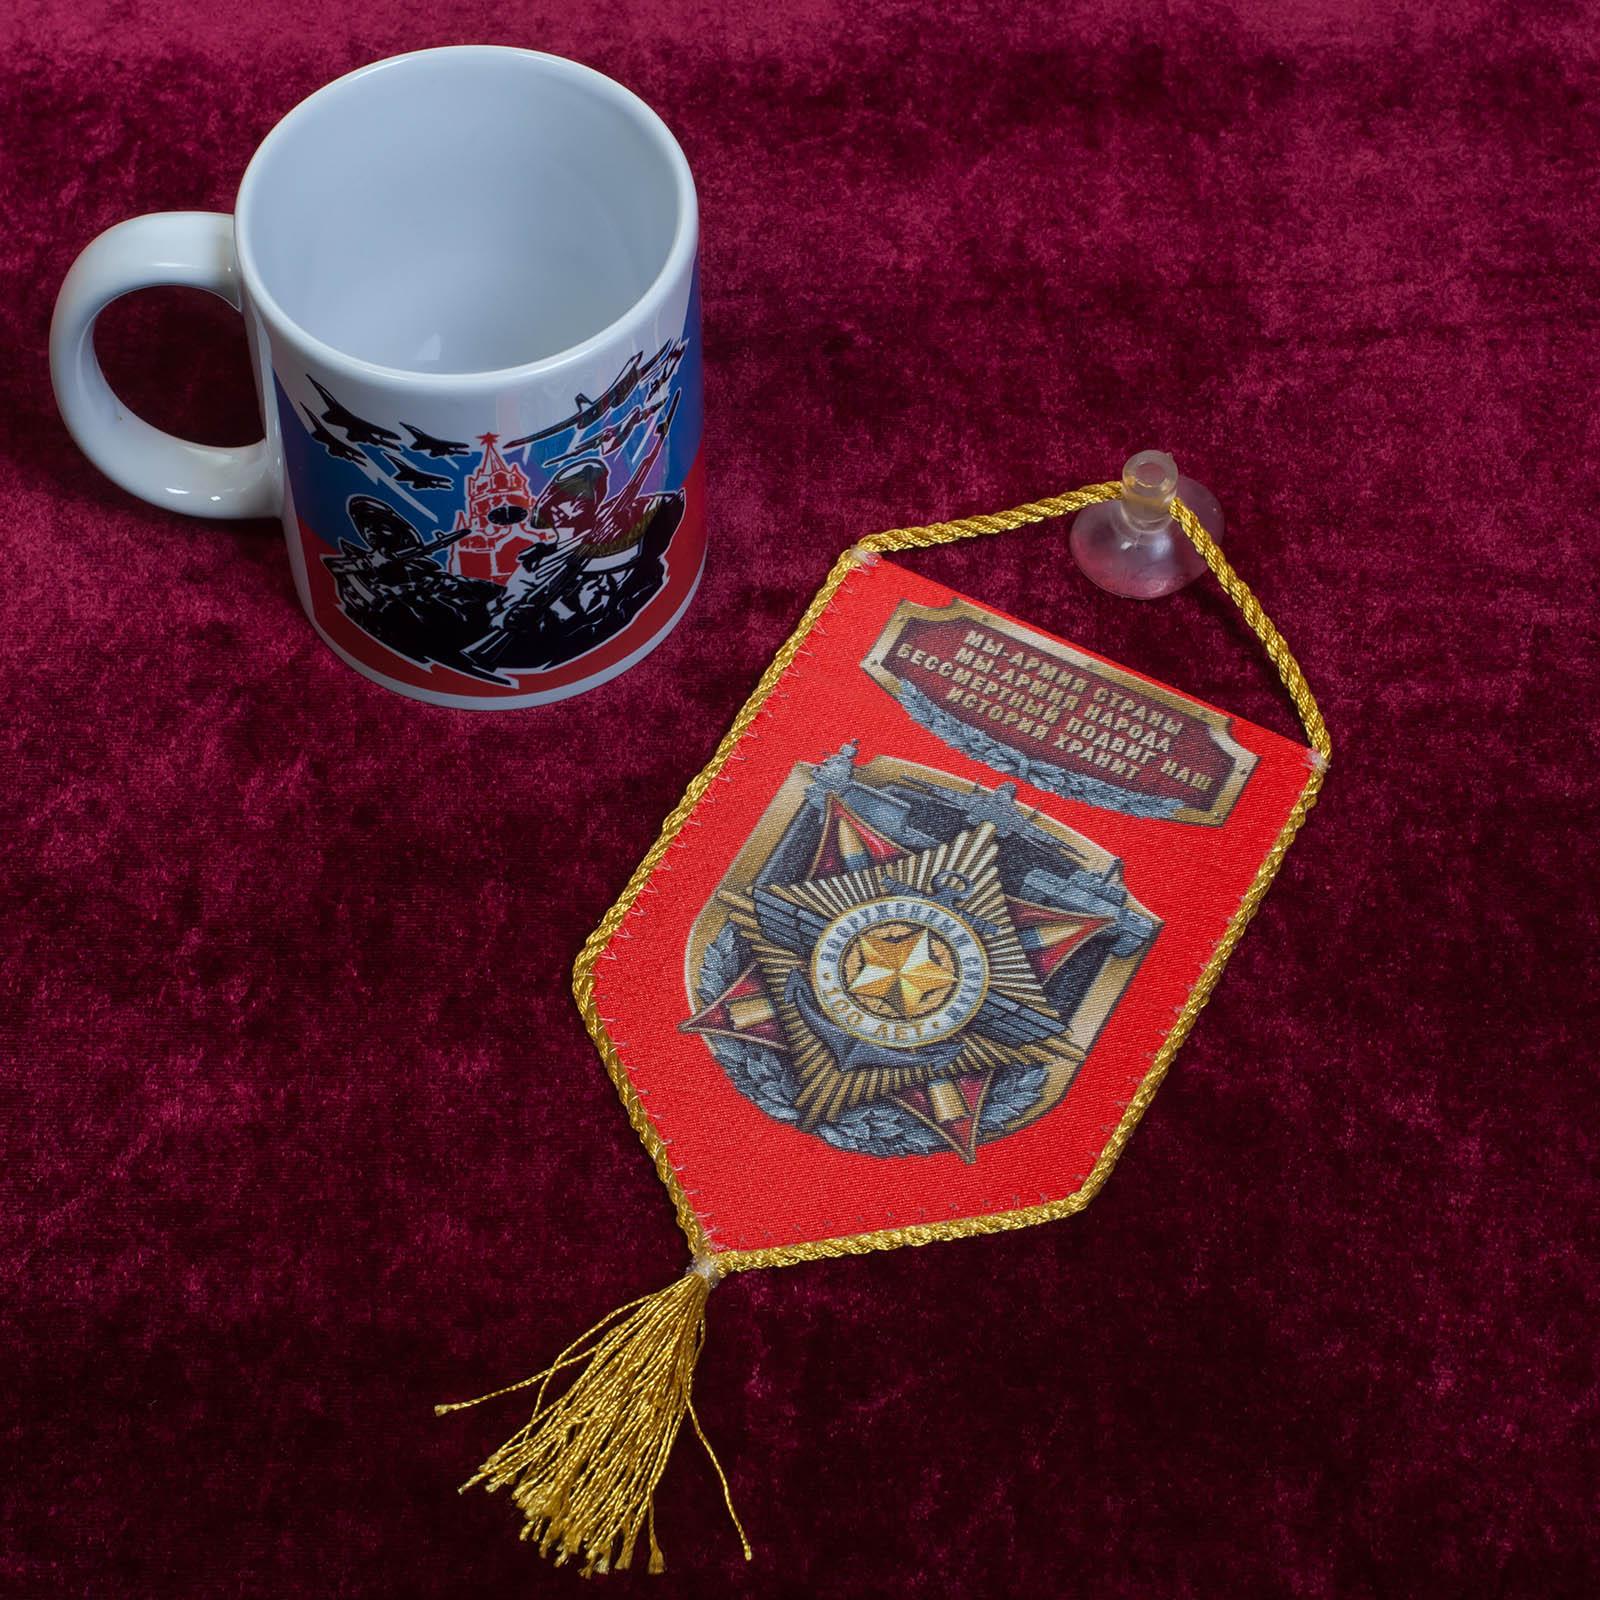 Купить сувенирный вымпел к юбилею Вооруженных сил в подарок выгодно